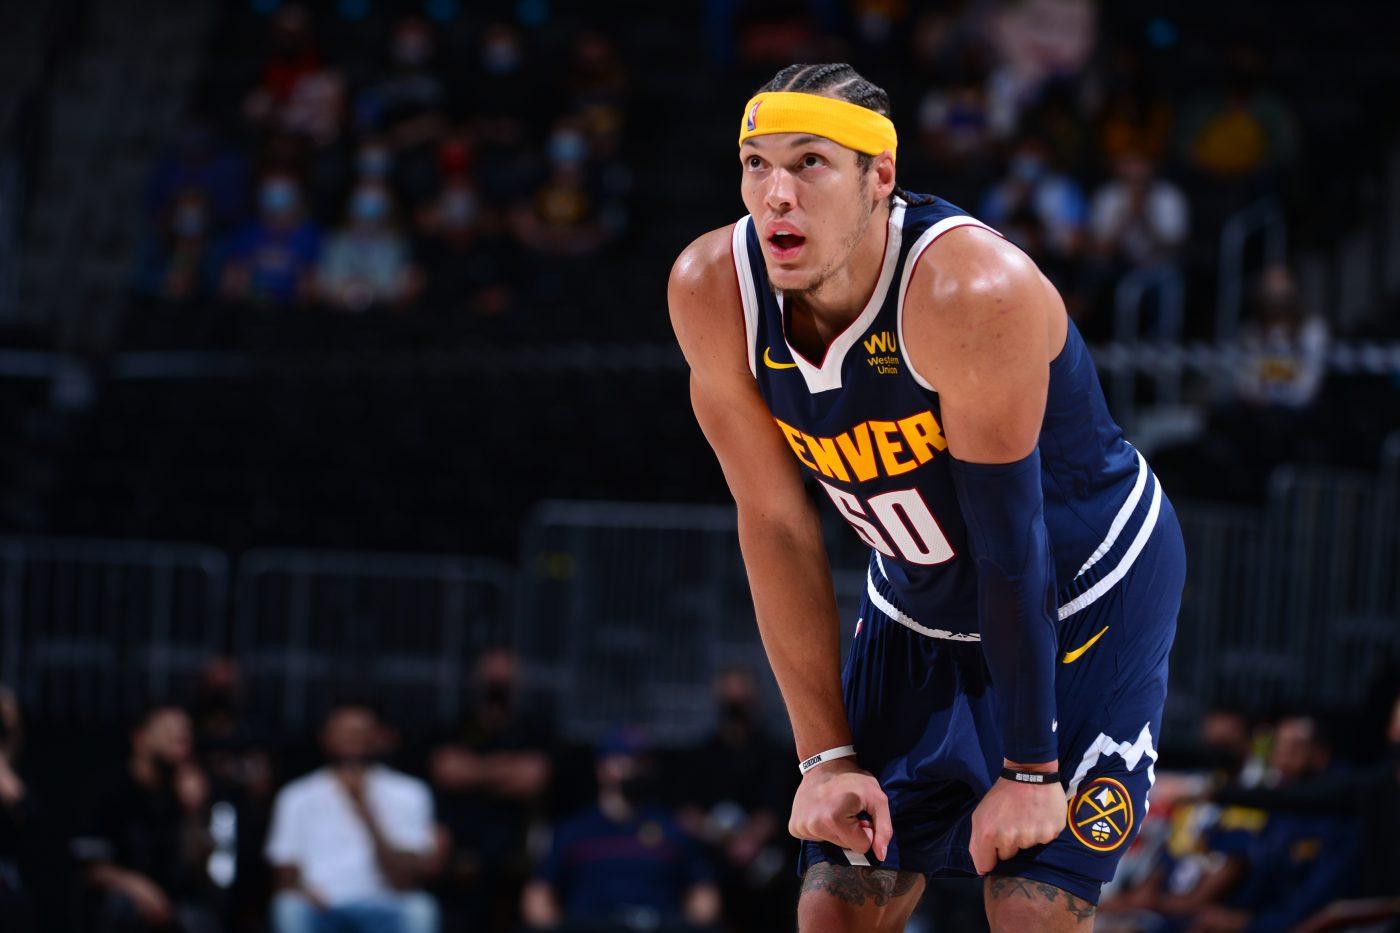 Aaron Gordon przedłuża kontrakt z Denver Nuggets!